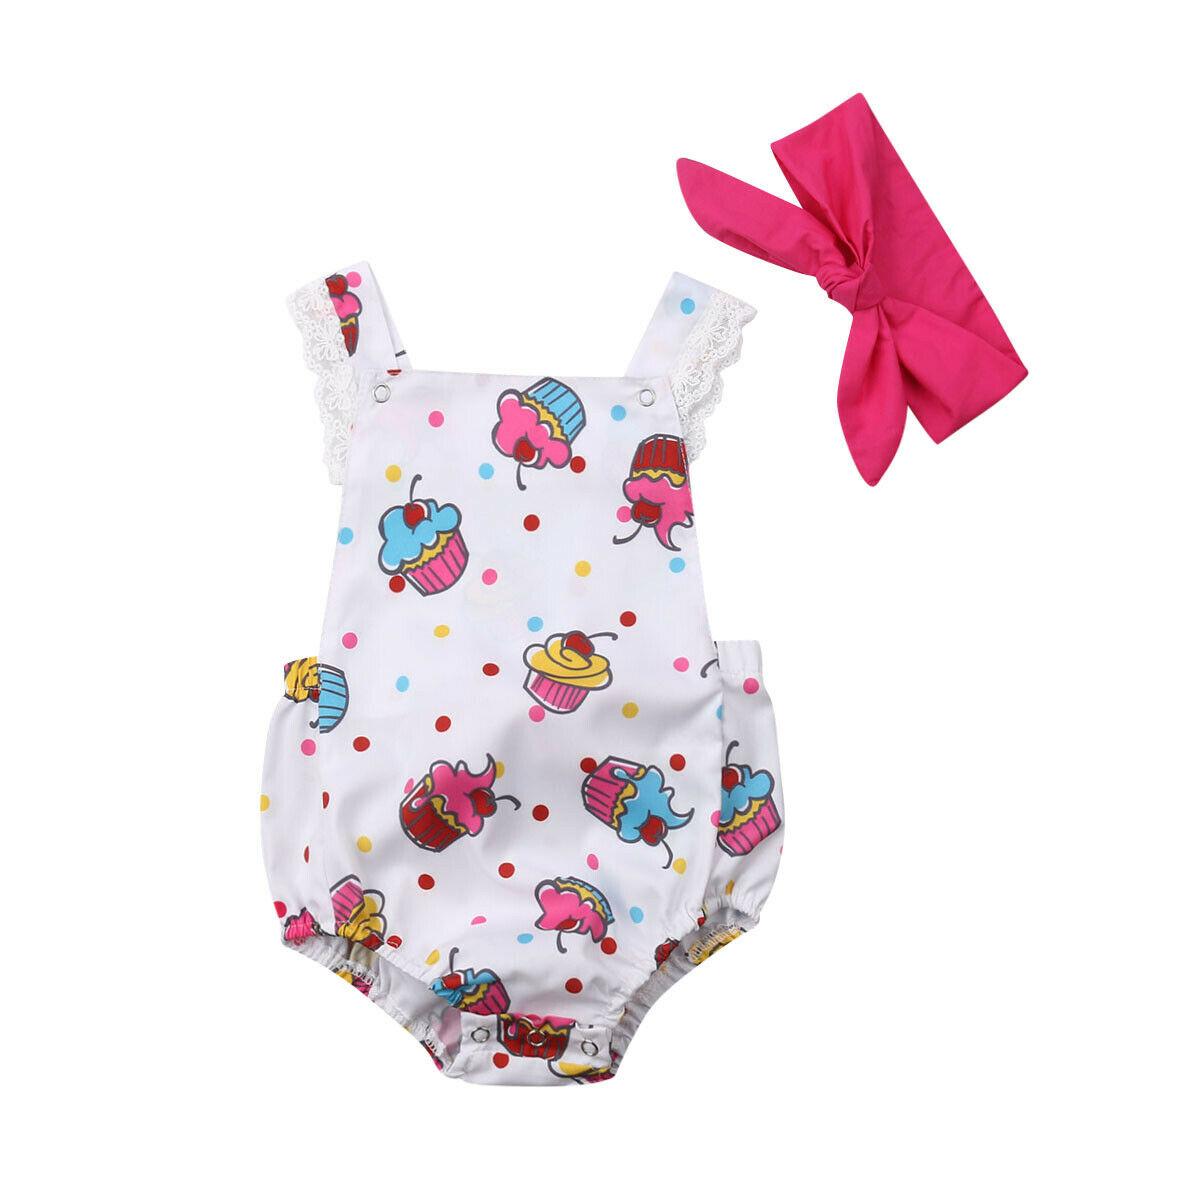 0-18 M Nette Neugeborene Baby Mädchen Ärmellose Ice Cream Drucken Spitze Baby Body Overall Stirnband 2 Pcs Sommer Kleidung Dinge Bequem Machen FüR Kunden